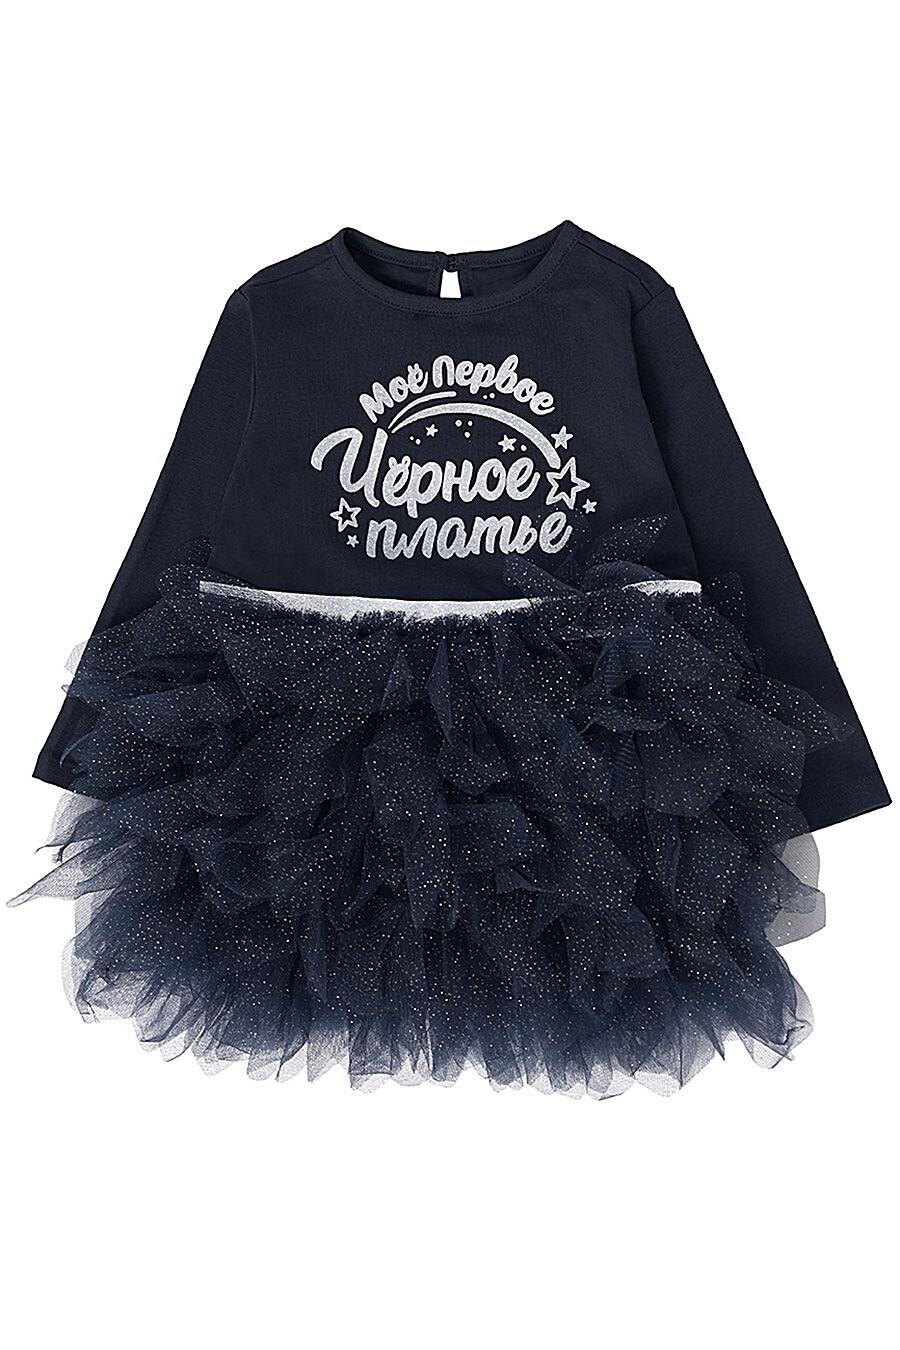 Платье для девочек PIXO 708009 купить оптом от производителя. Совместная покупка детской одежды в OptMoyo